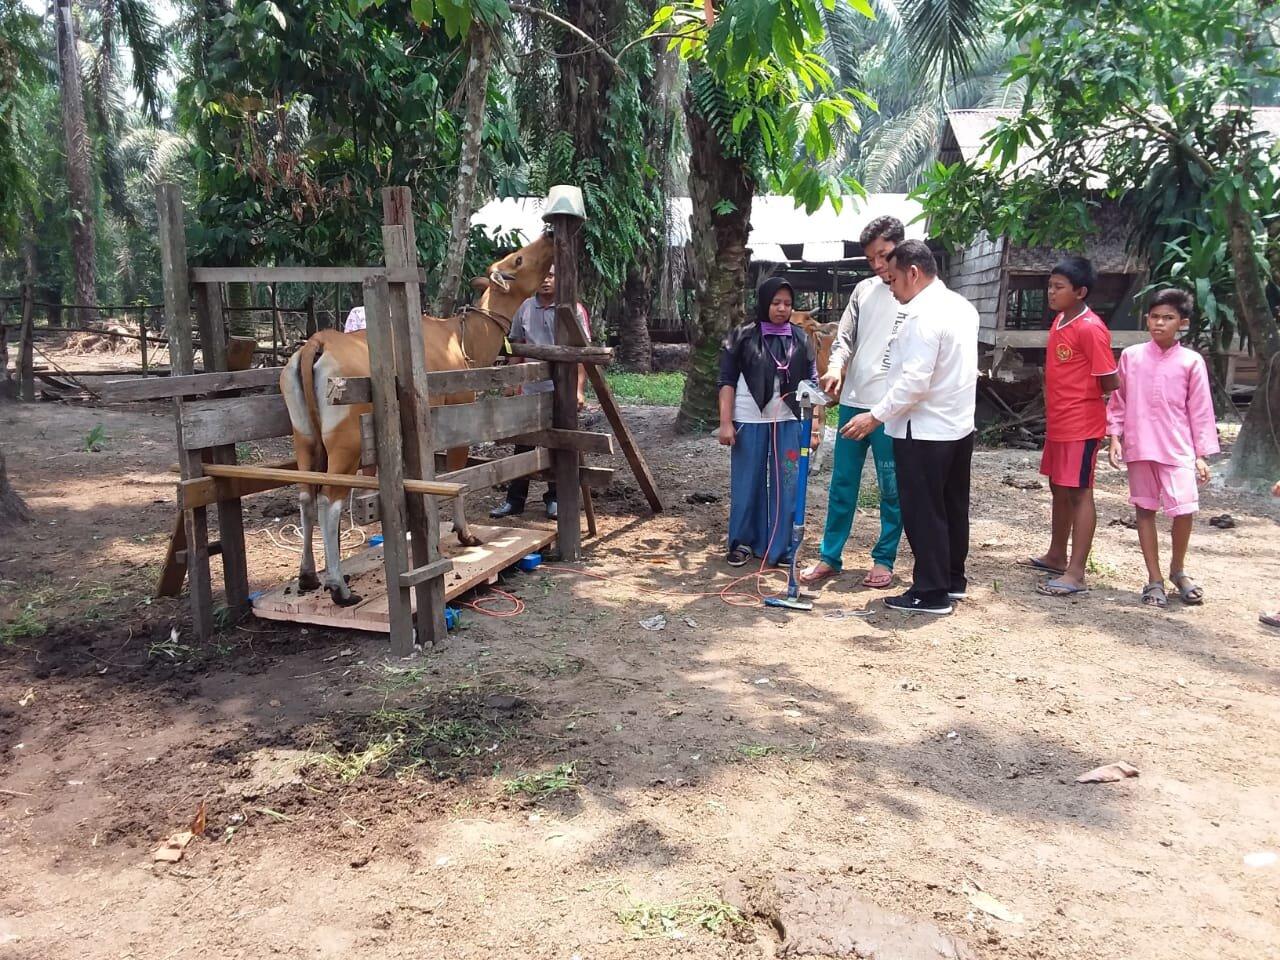 Weighing cattle, Gading Sari village, Kampar district, Riau, September 2019.  Photo: Yeni Widiawati